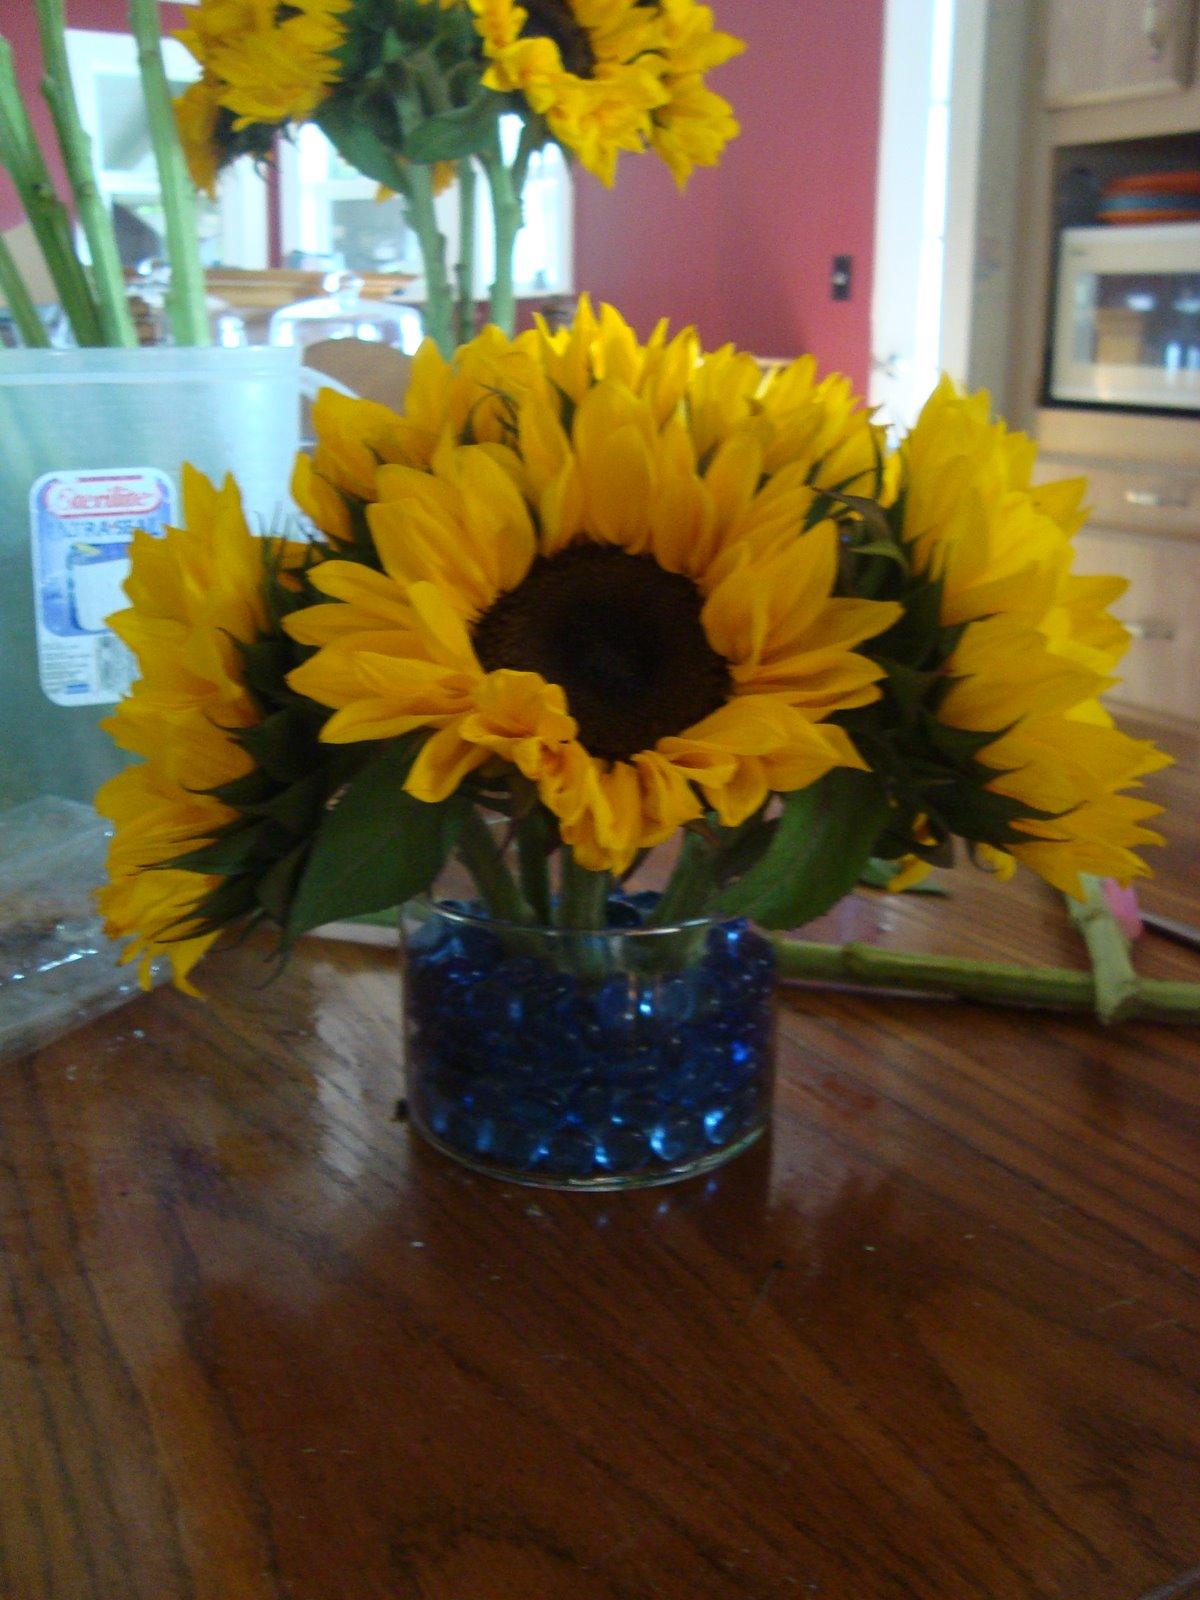 Sunflower trials arizona mamma